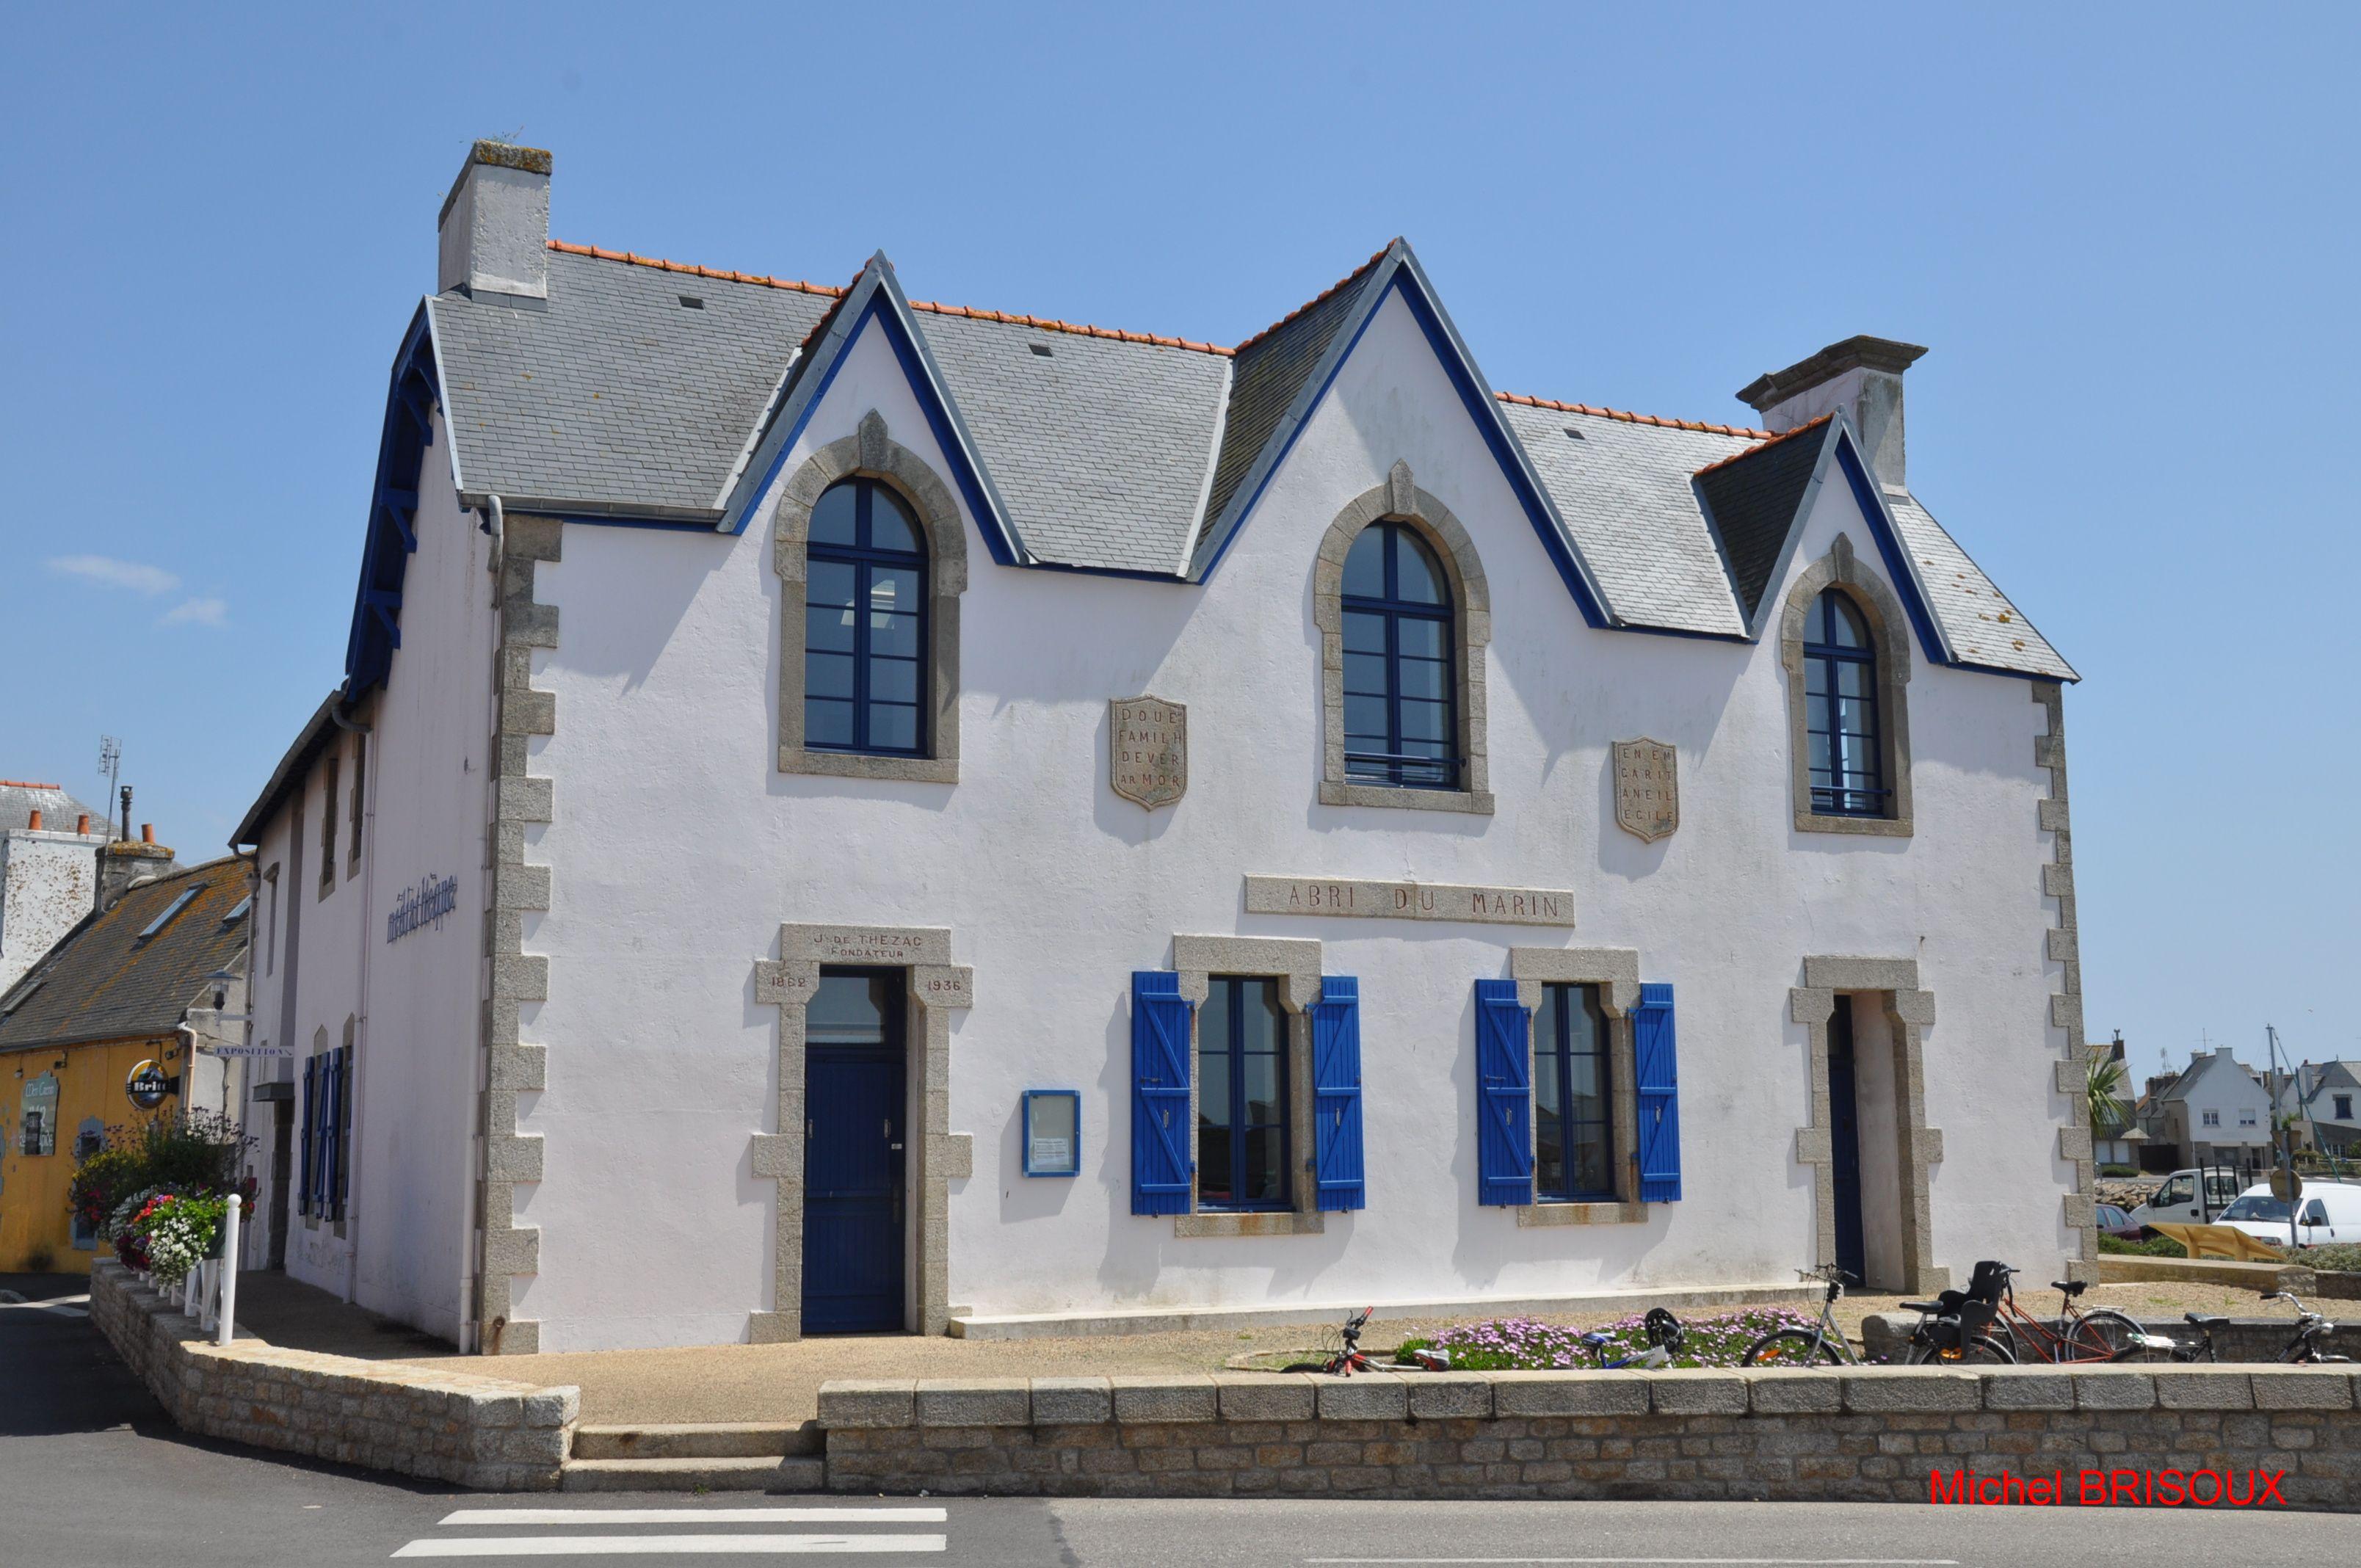 Bibliothèque – Médiathèque – Abri du Marin